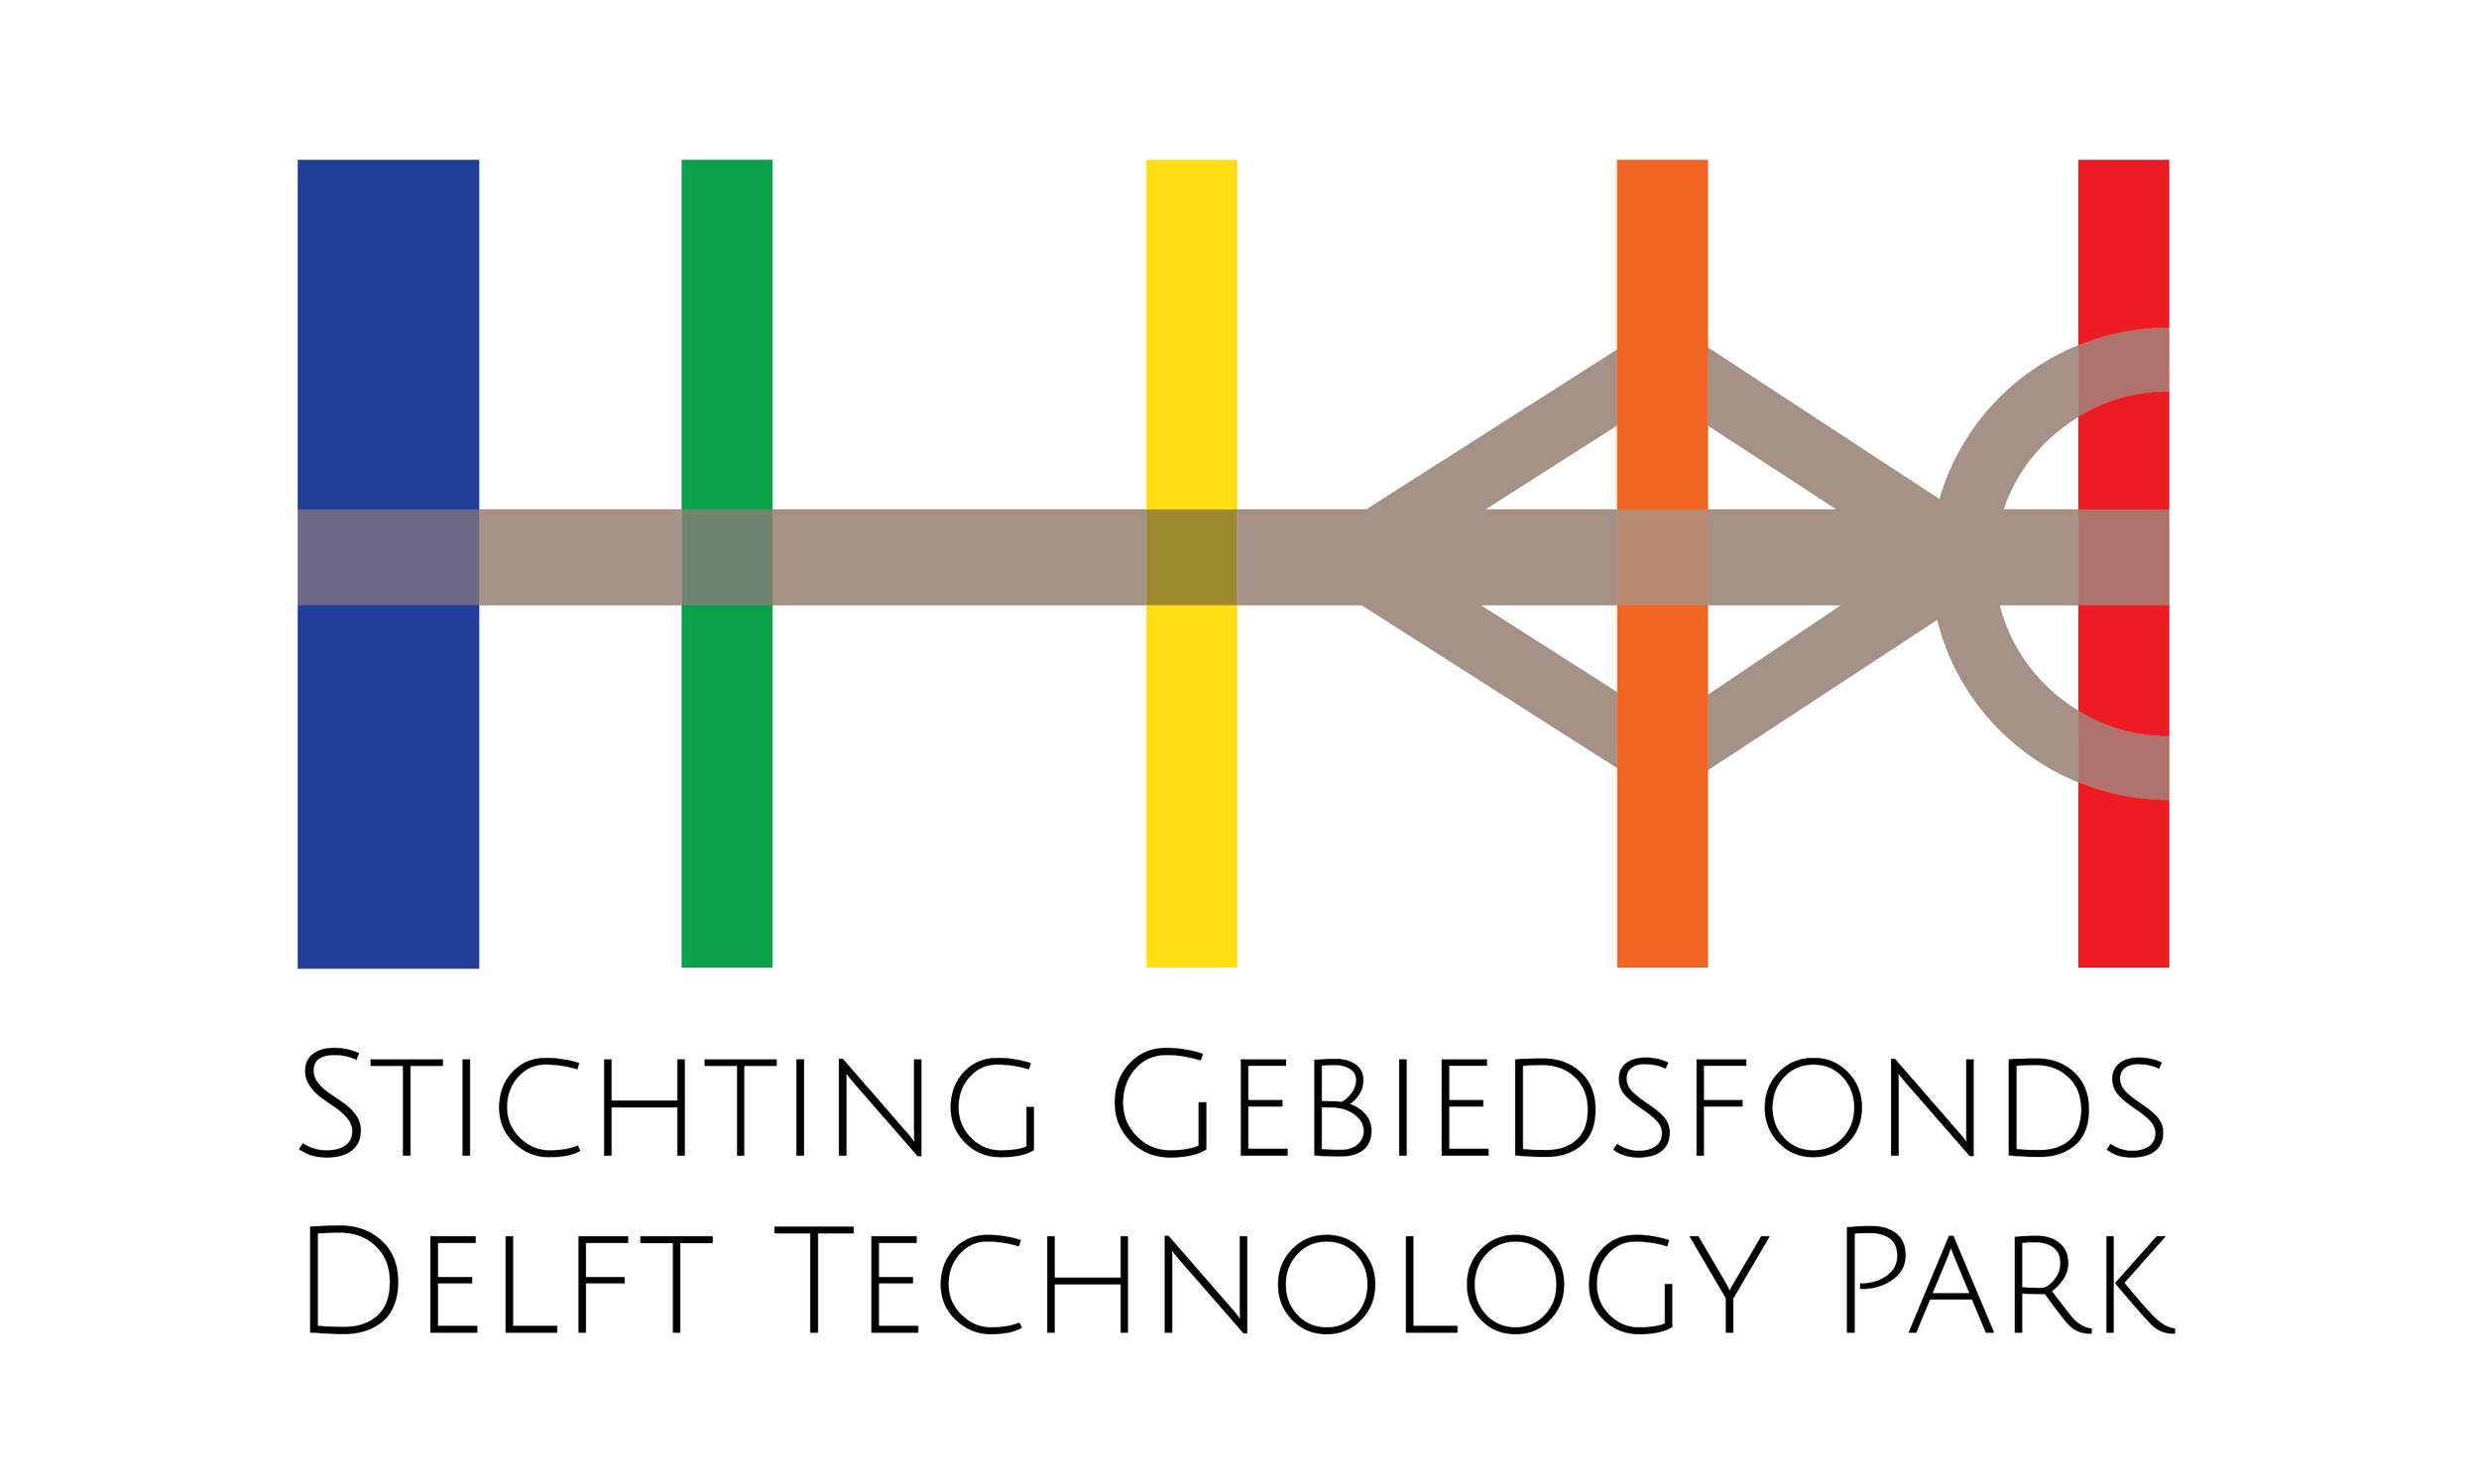 In Gebiedsfonds Delft Technology Park zijn alle vastgoedeigenaren in de omgeving van de TU Delft Campus verenigd. Het logo is een grafische weergave van de belangrijkste infrastructuur in het gebied, waaronder de Kruithuisweg en de Schie.